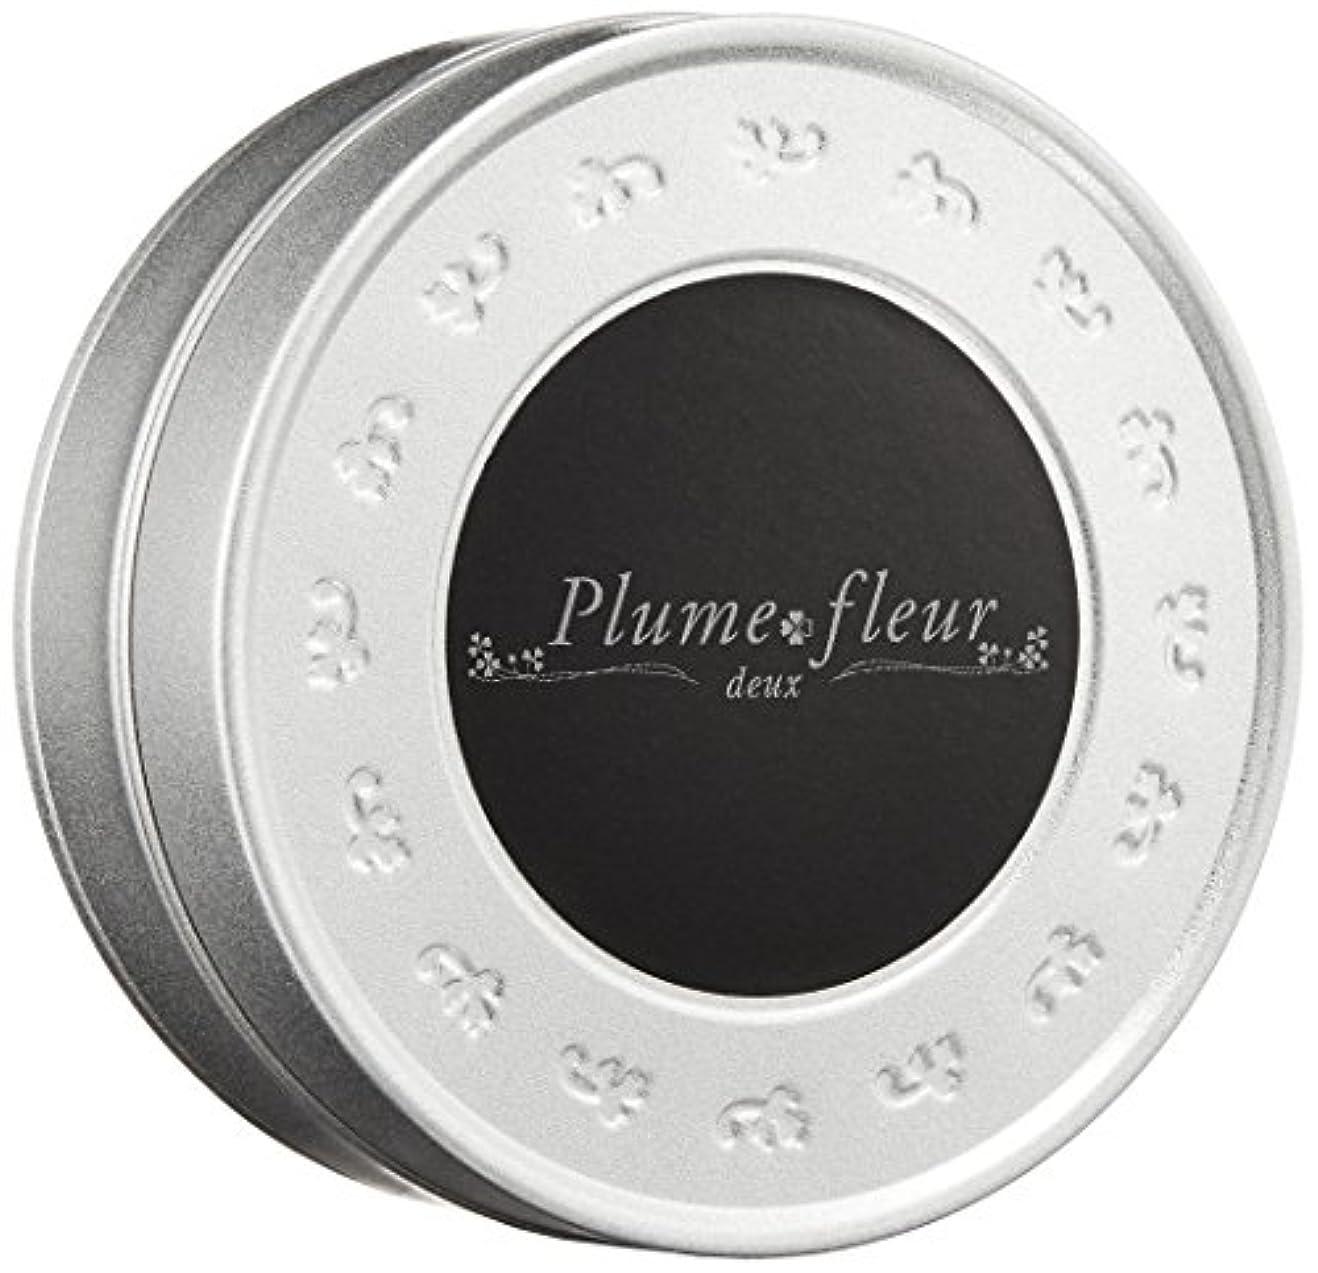 強盗講堂フォアマンPlume fleur -deux-(プルームフルール?WH)